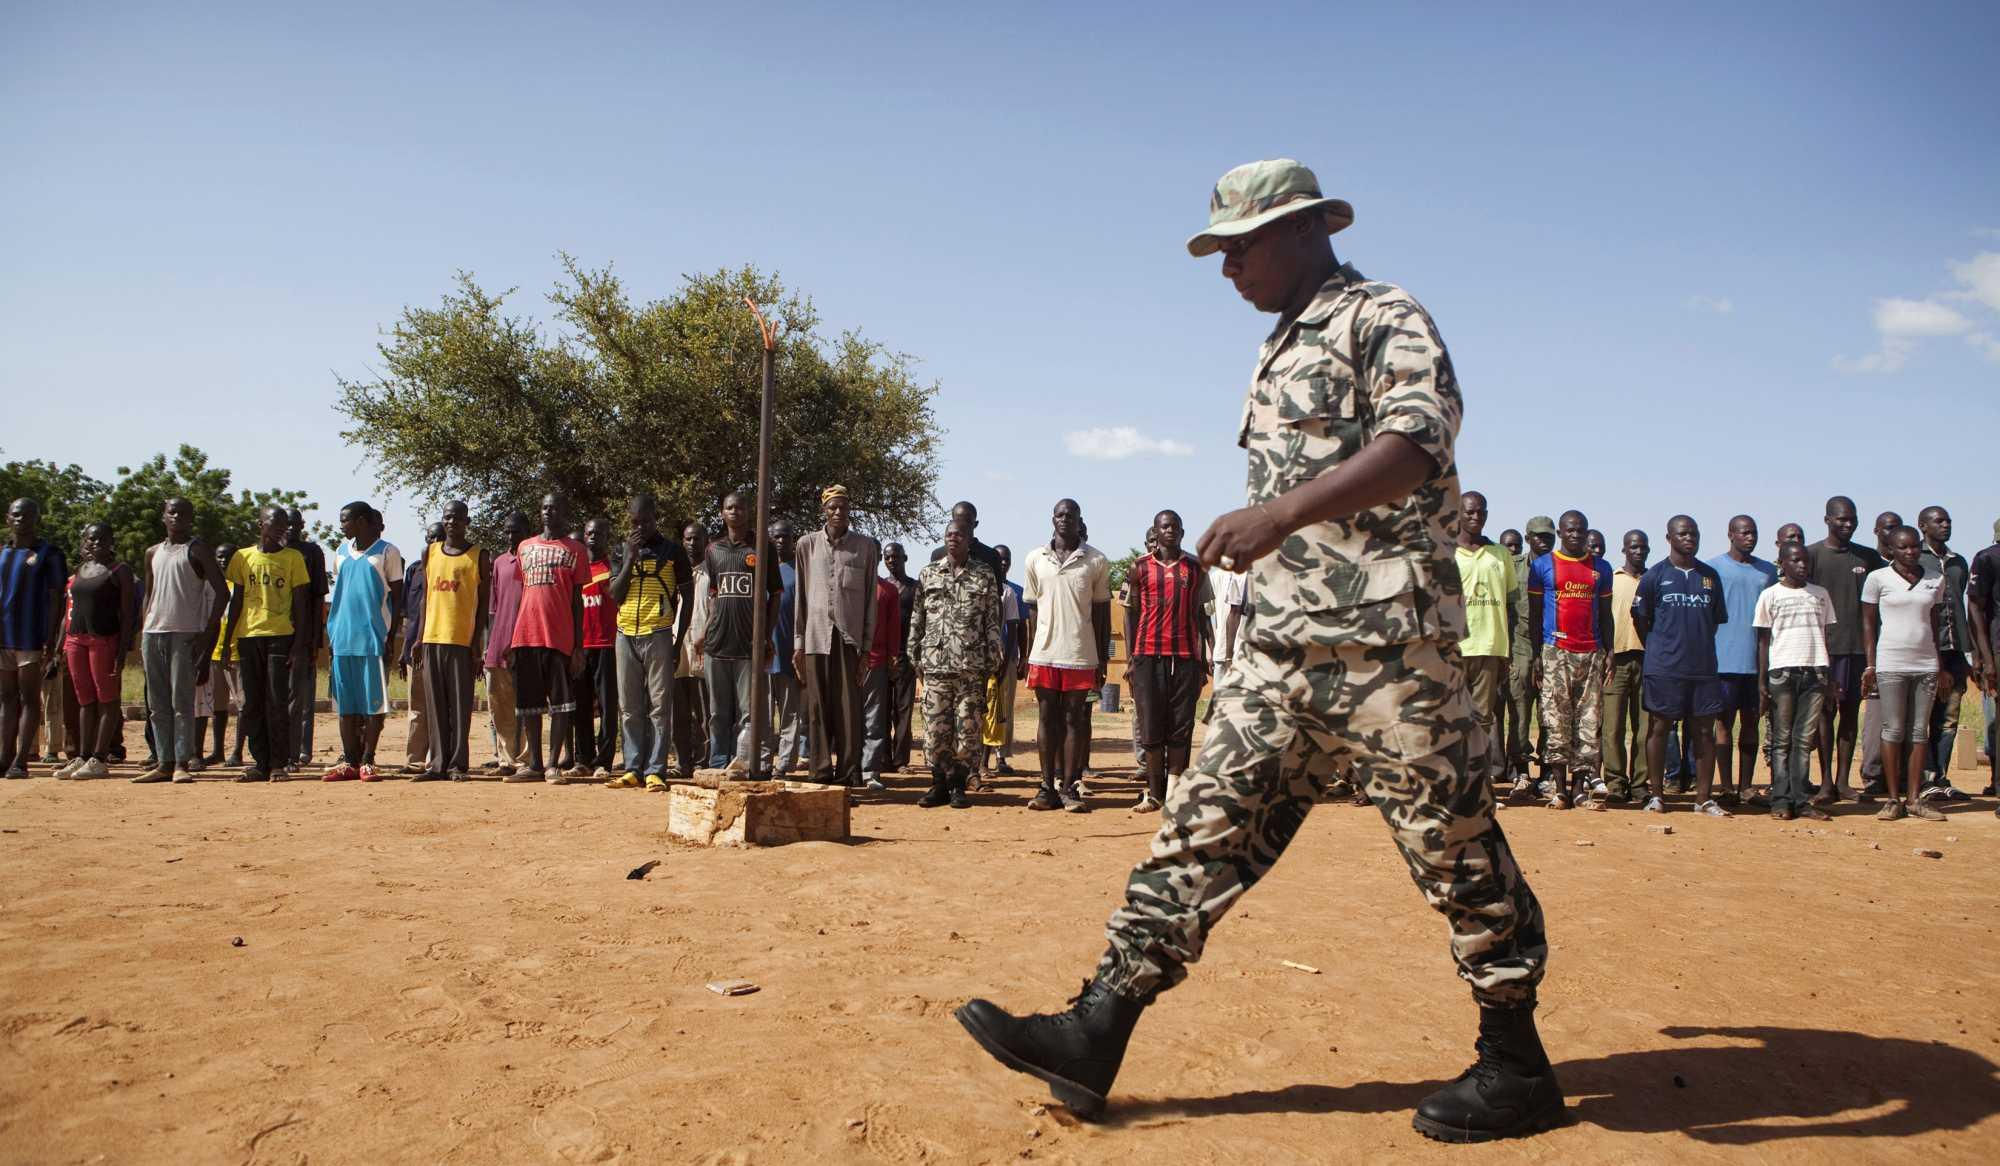 http://cdn-parismatch.ladmedia.fr/var/news/storage/images/paris-match/actu/international/les-casques-bleus-au-secours-du-mali-161316/1687872-1-fre-FR/Les-Casques-bleus-au-secours-du-Mali.jpg